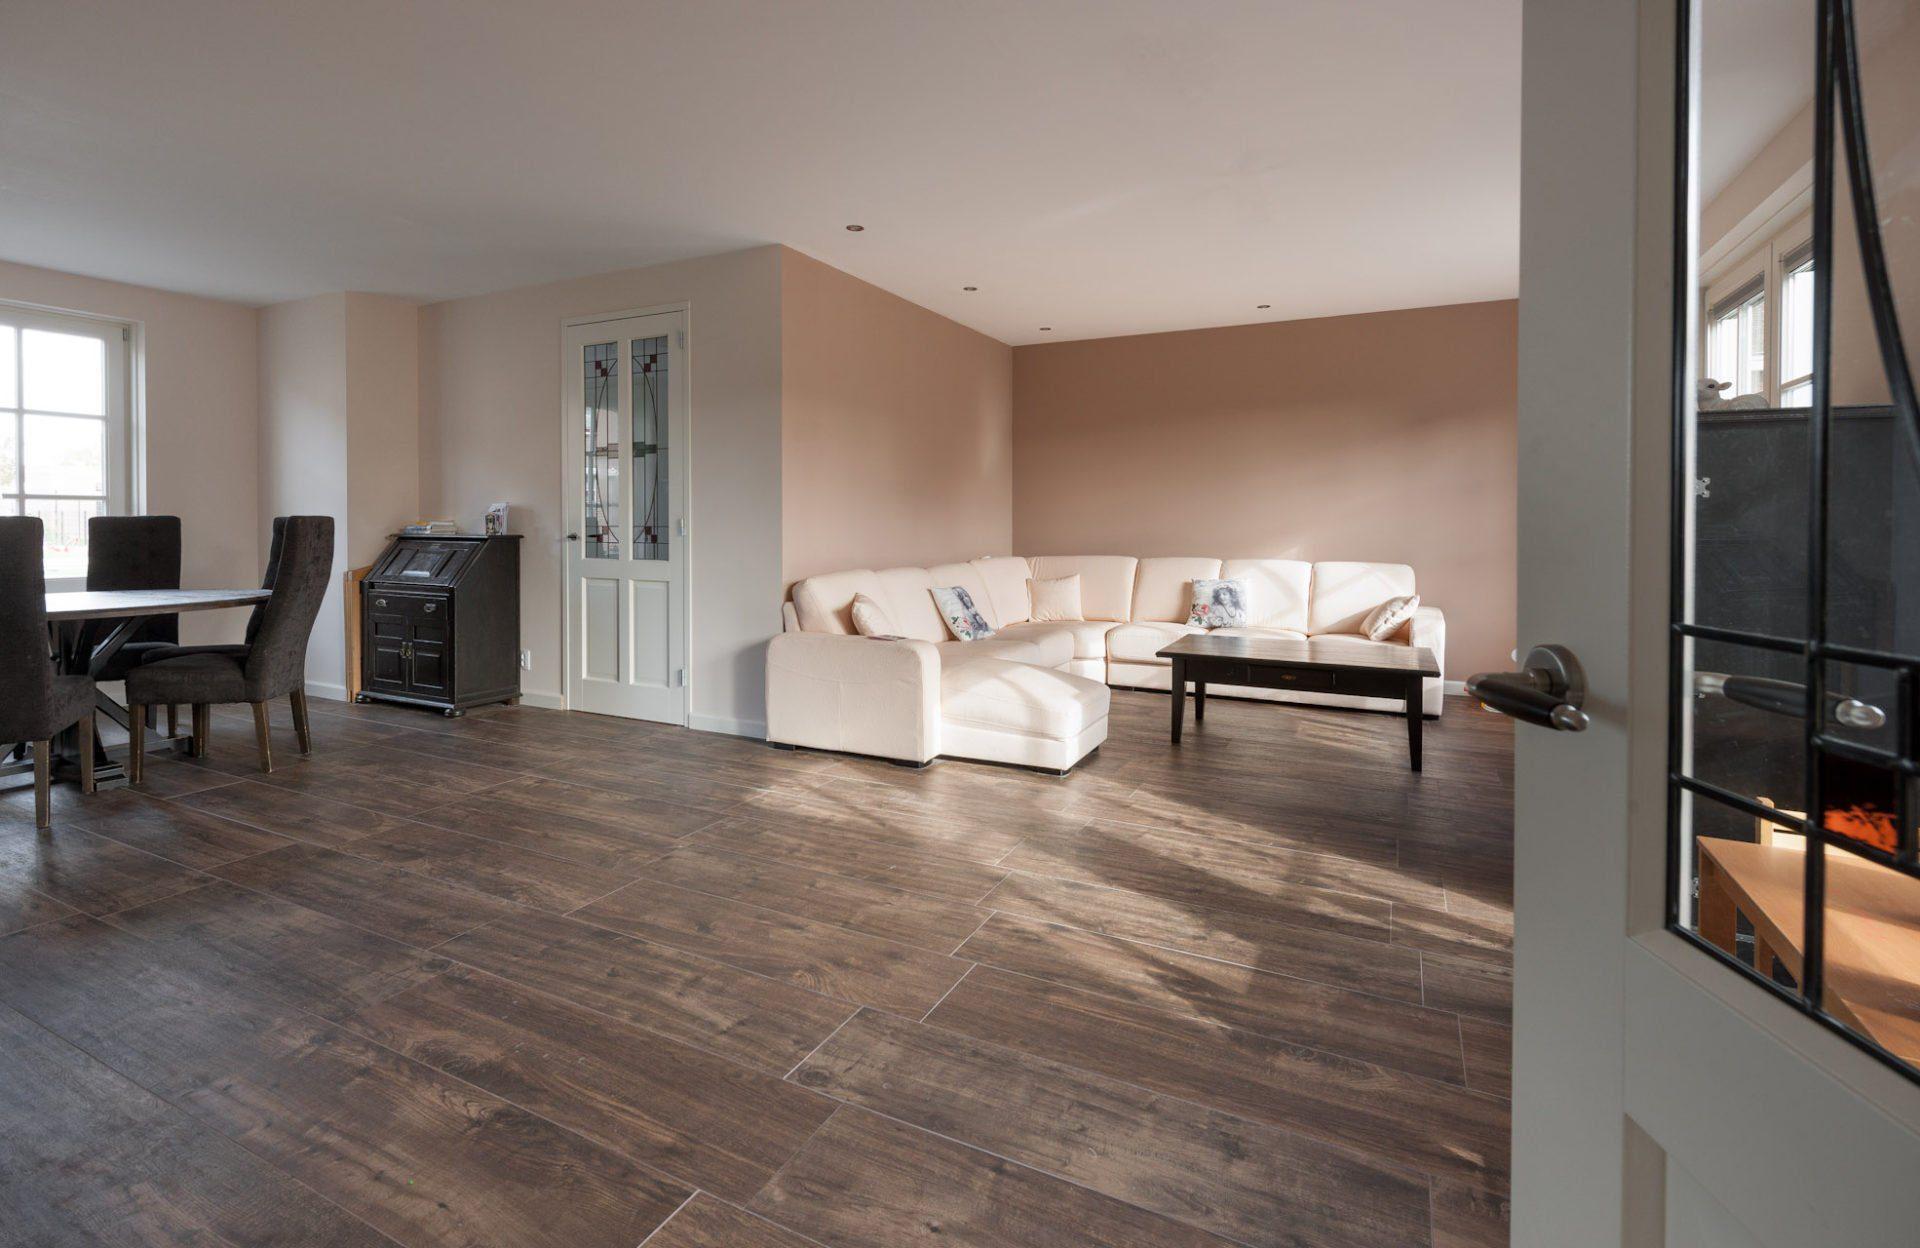 Houtlook tegels - KROON vloeren in Steen